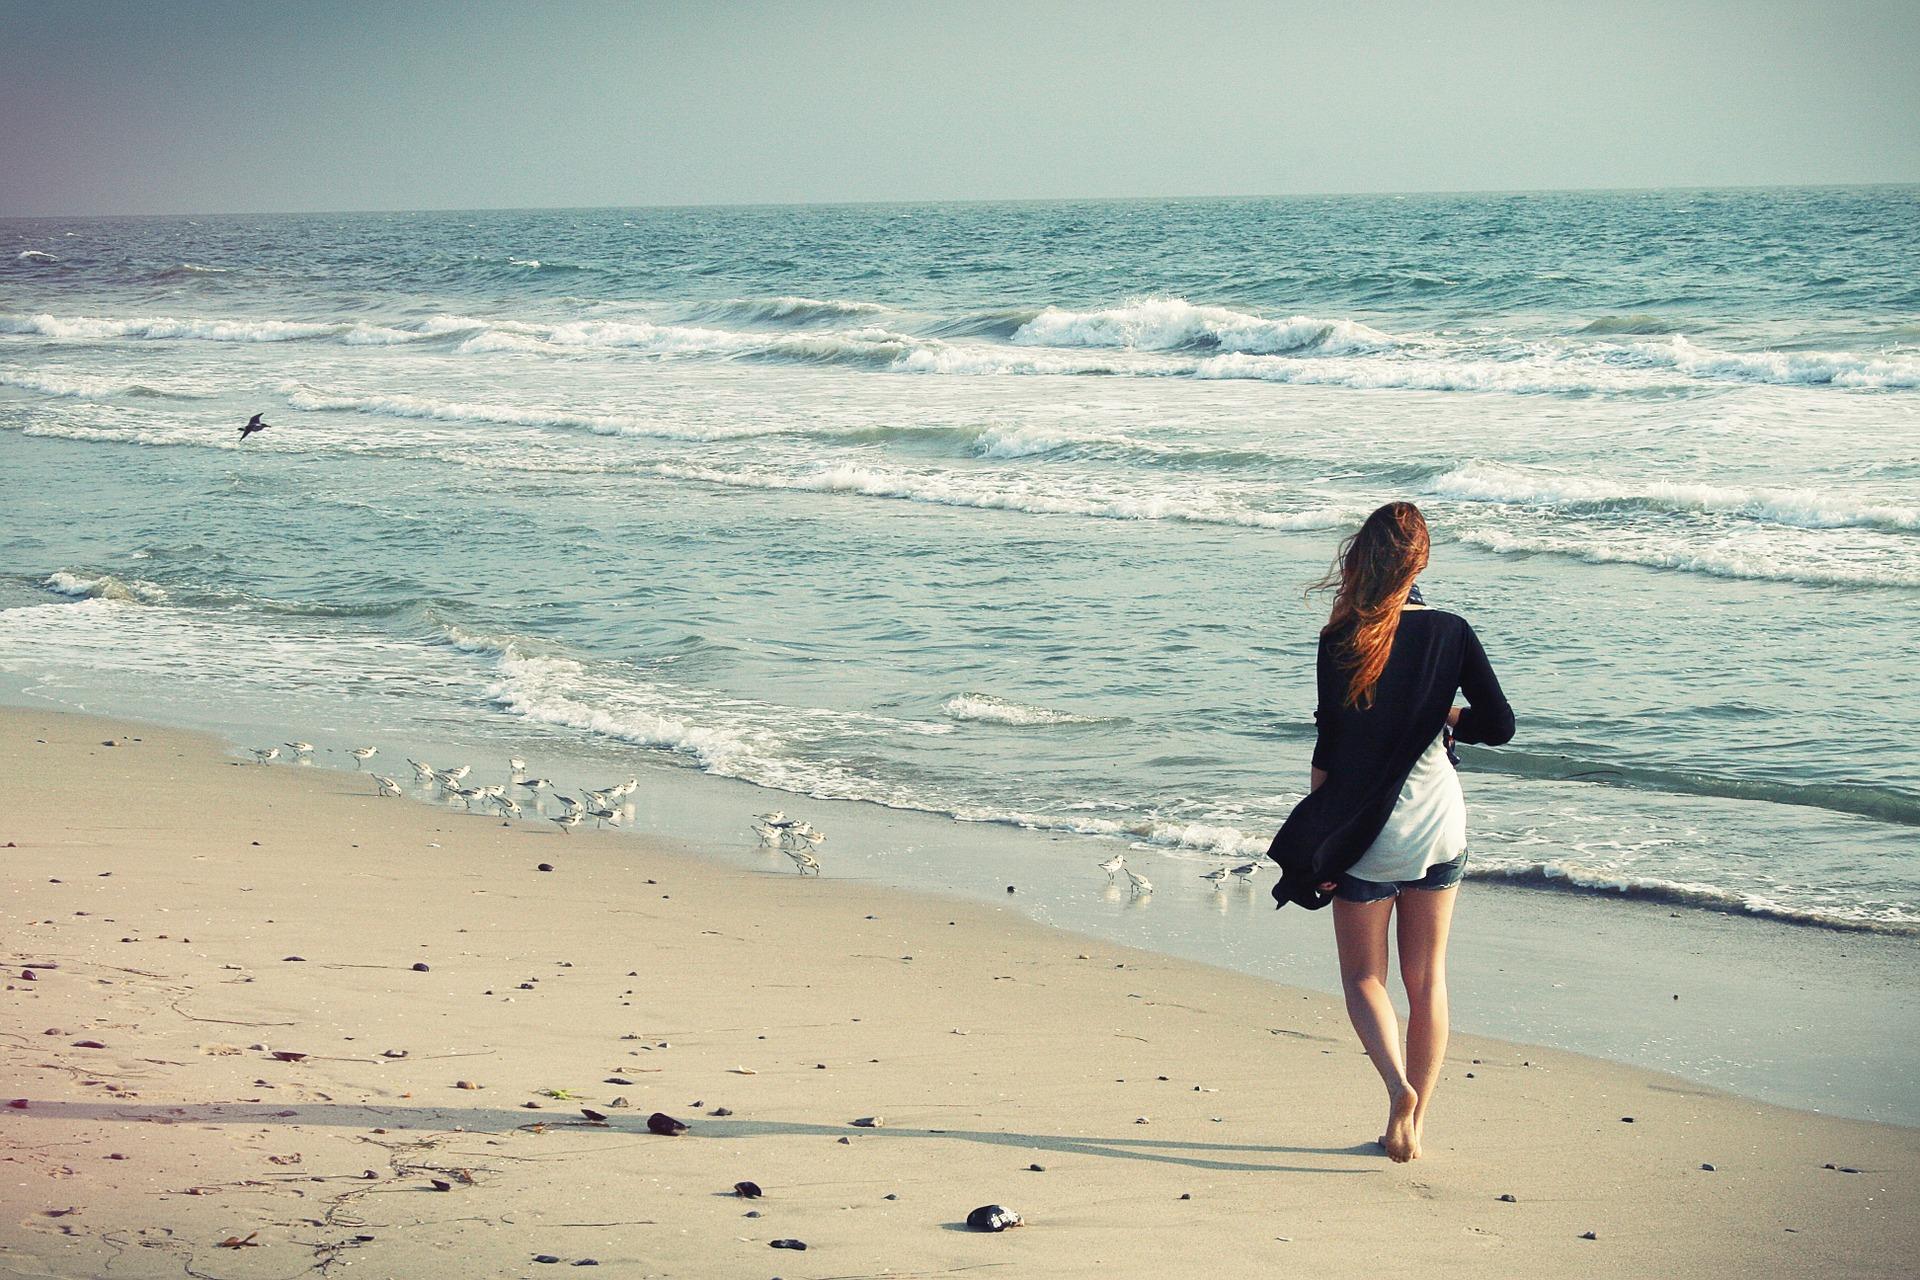 浜辺を歩いている女性